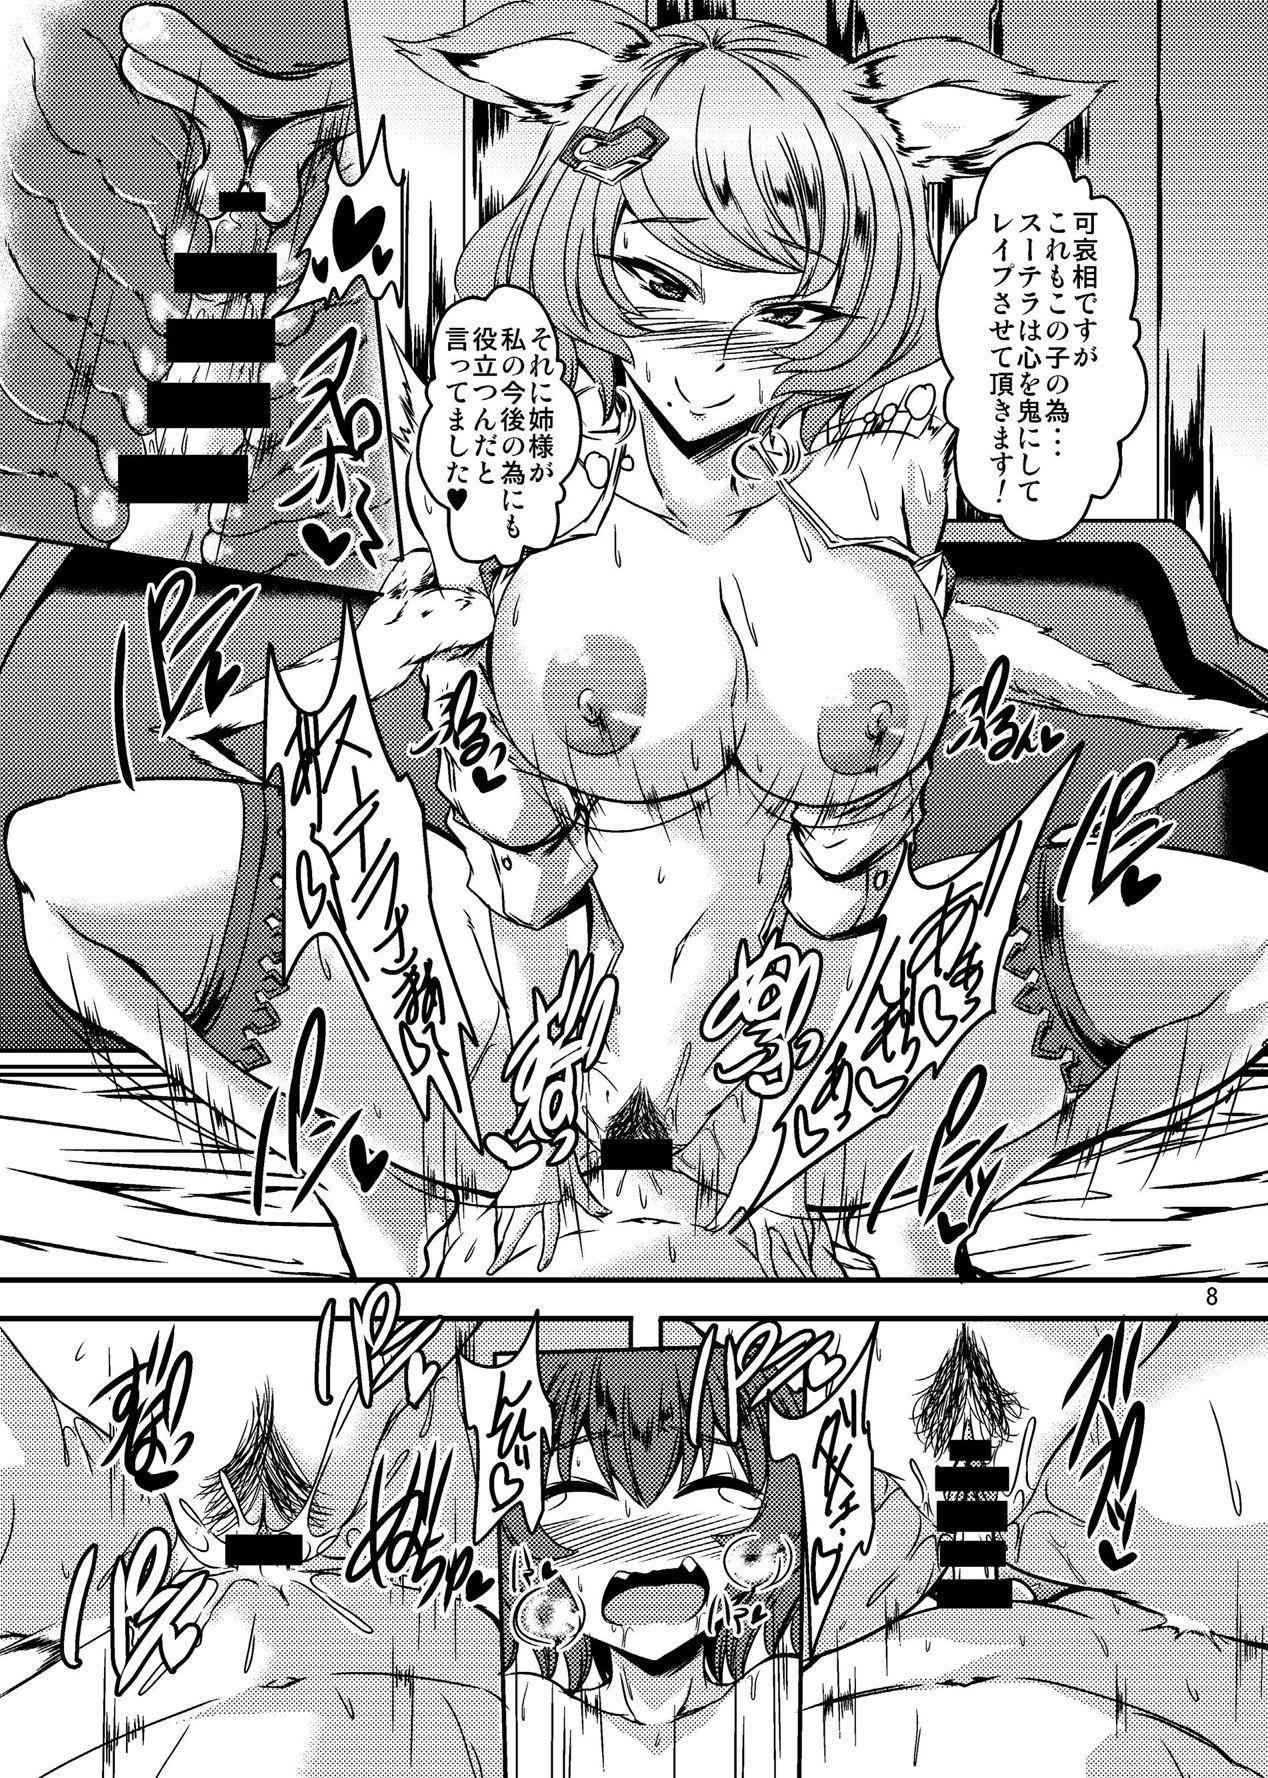 Zenkuu Ichi Bitch Shimai 7